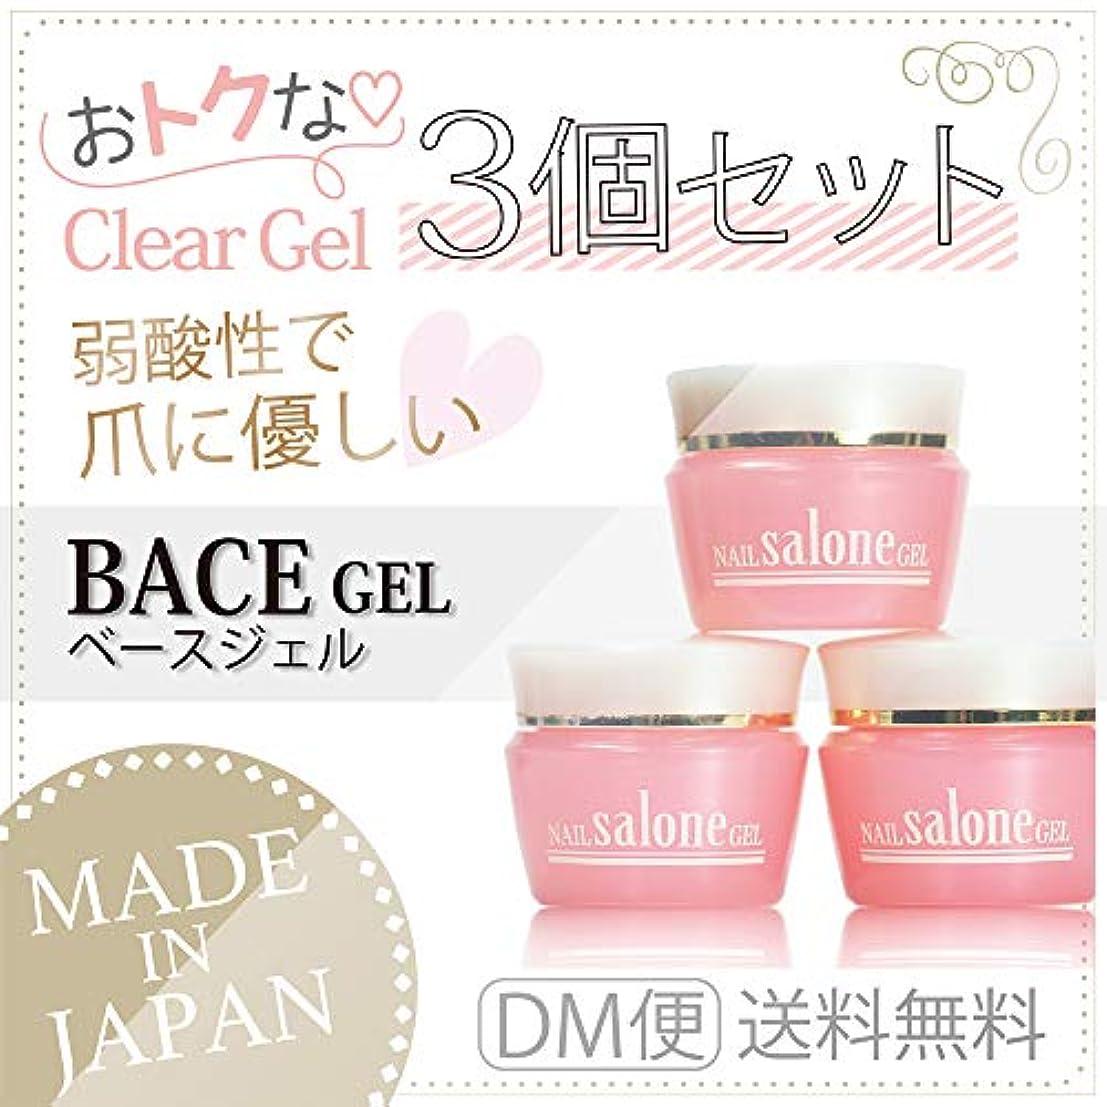 海嶺ピケ引き金Salone gel サローネ ベースジェル お得な3個セット 爪に優しい 日本製 驚きの密着力 リムーバーでオフも簡単3g